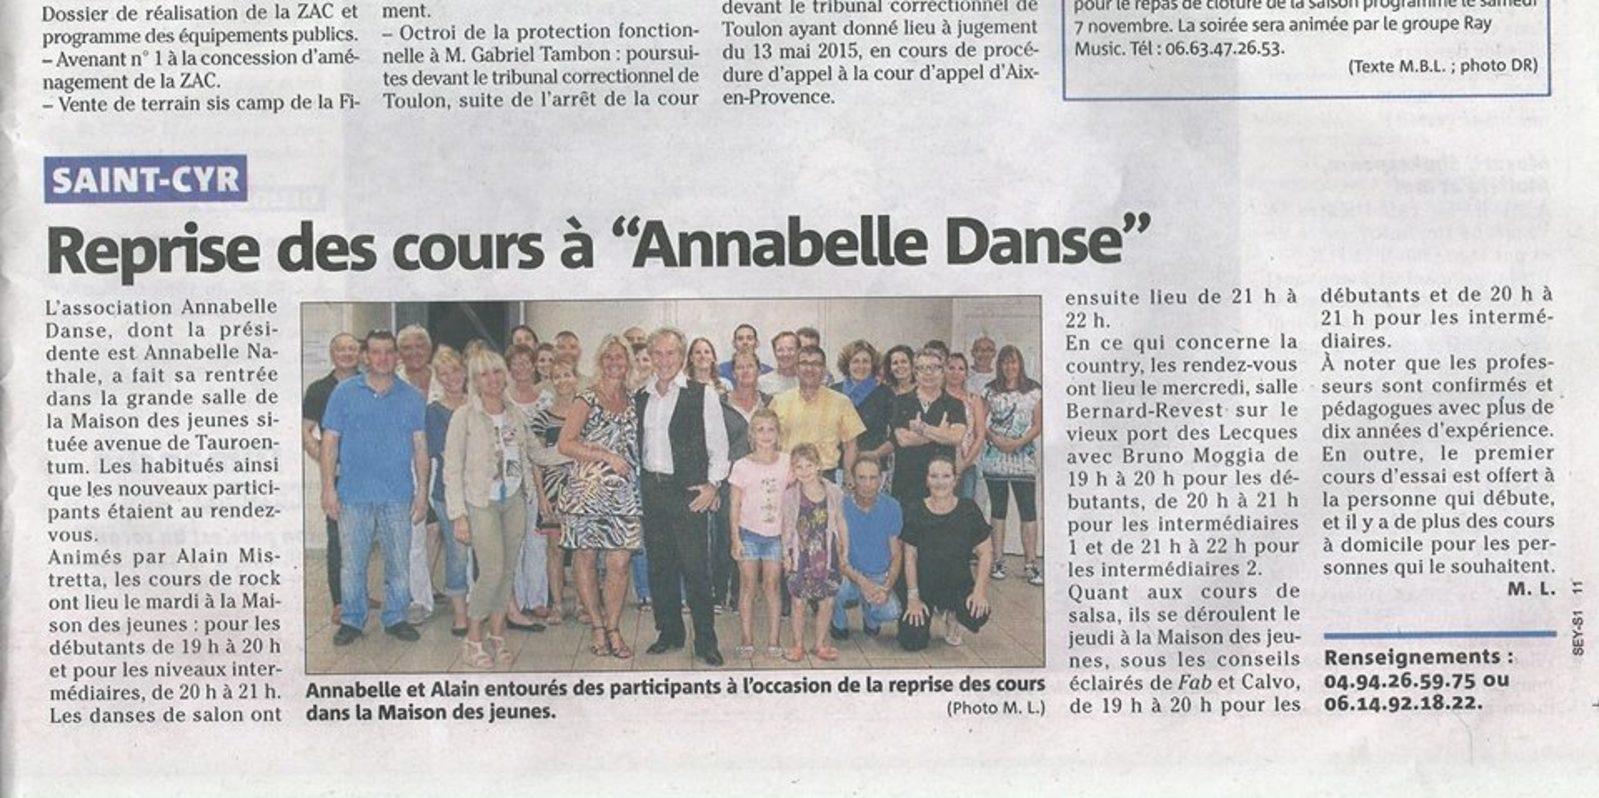 ANNABELLE DANSES - association annabelle danses